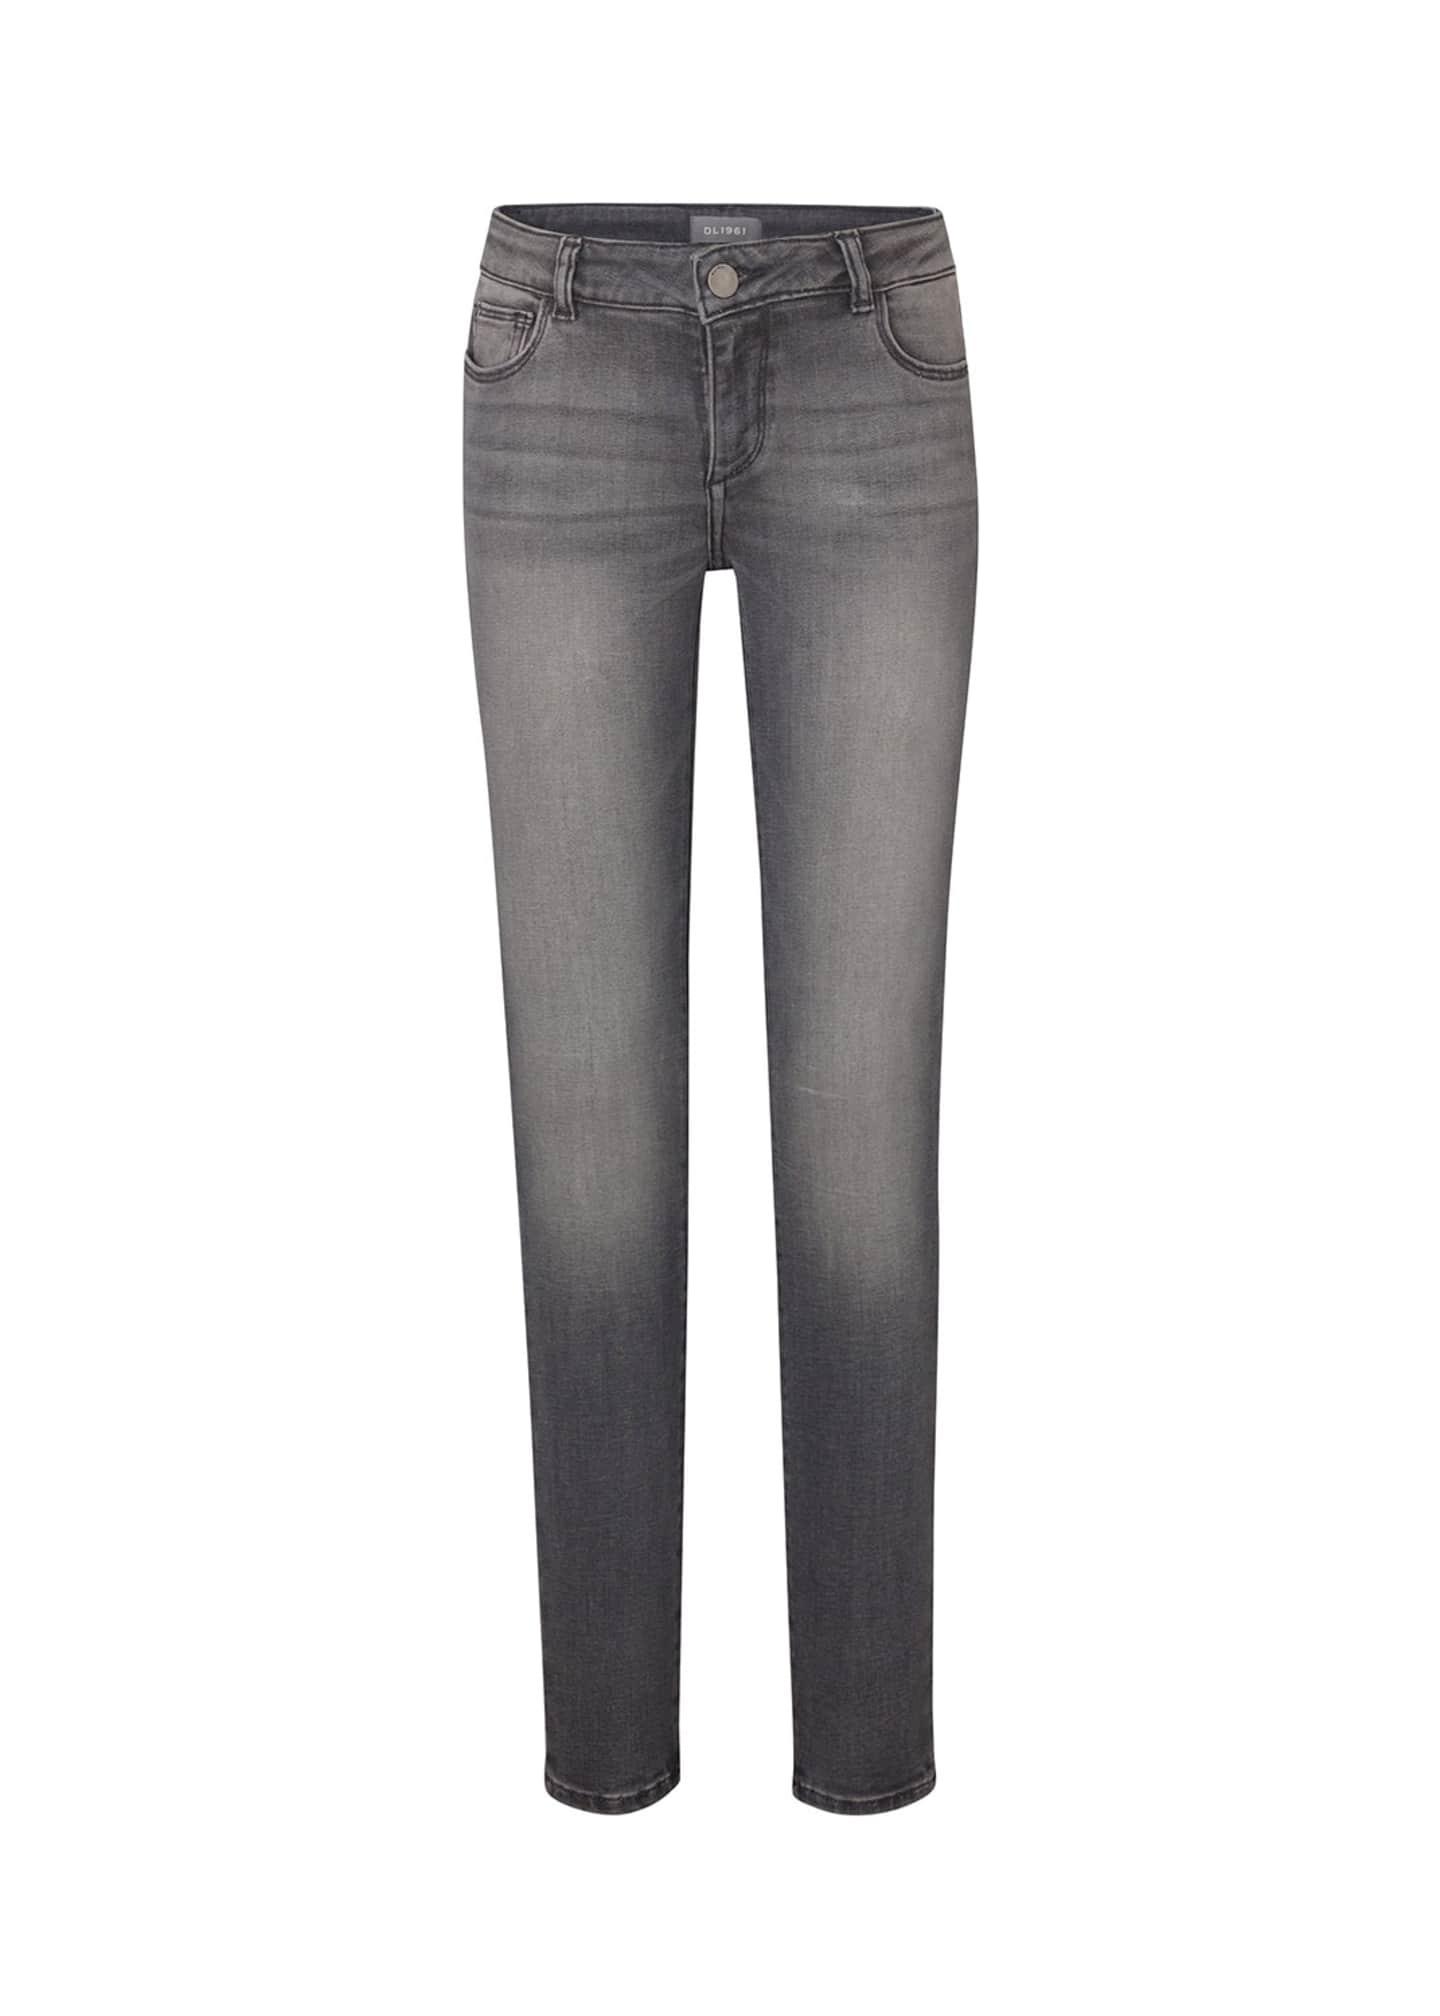 DL 1961 Girl's Chloe Denim Skinny Jeans, Size